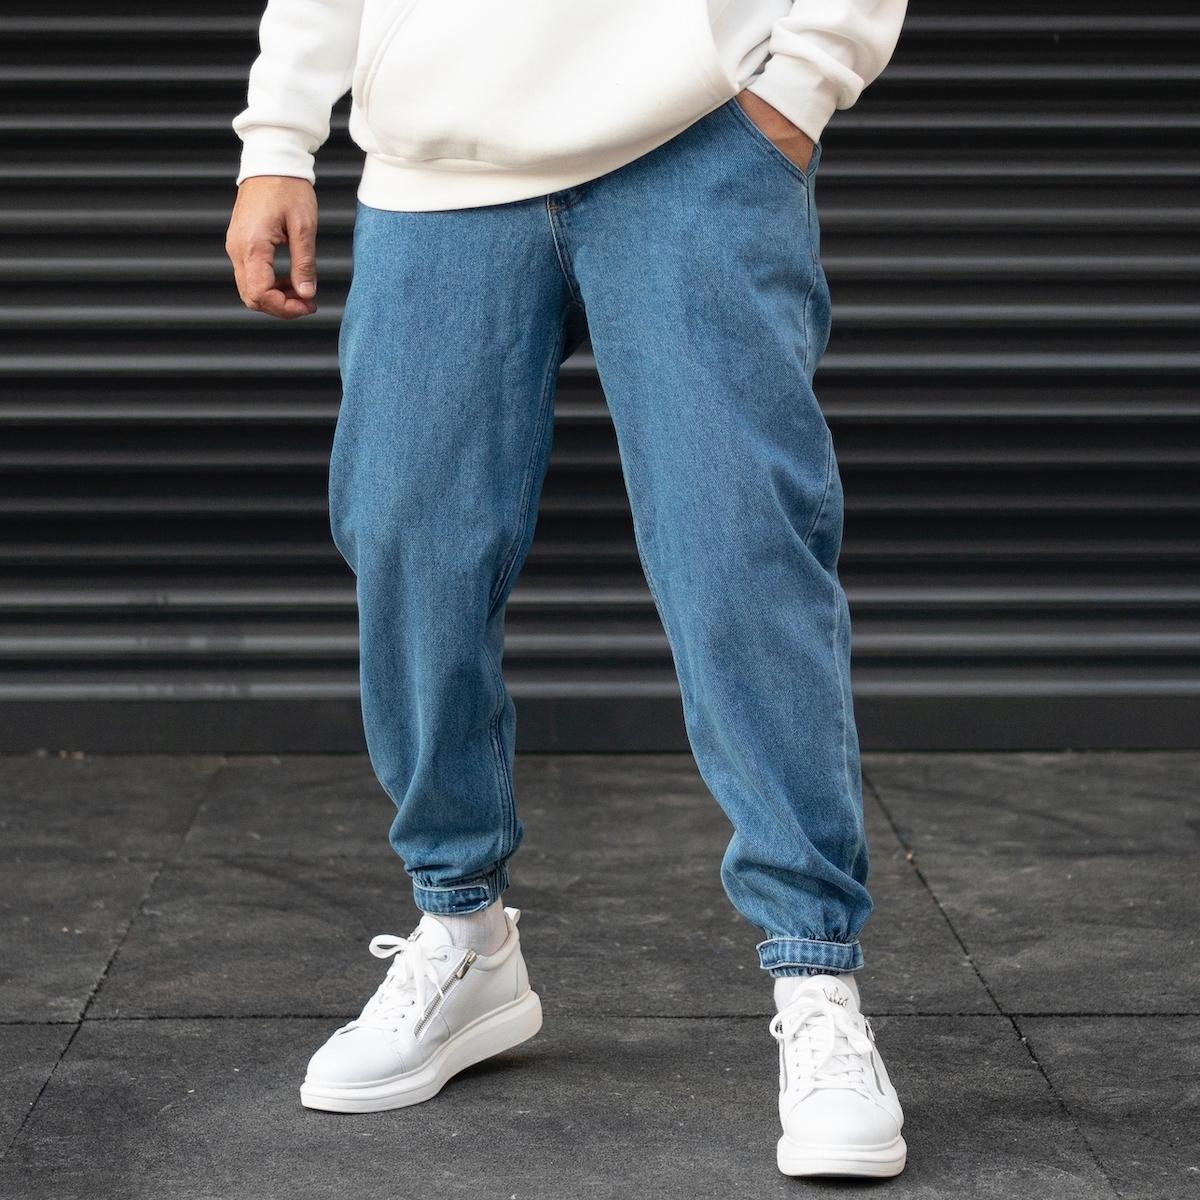 Erkek Oversize Boyfriend Paçası Cırt Cırtlı Jogger Kot Pantolon